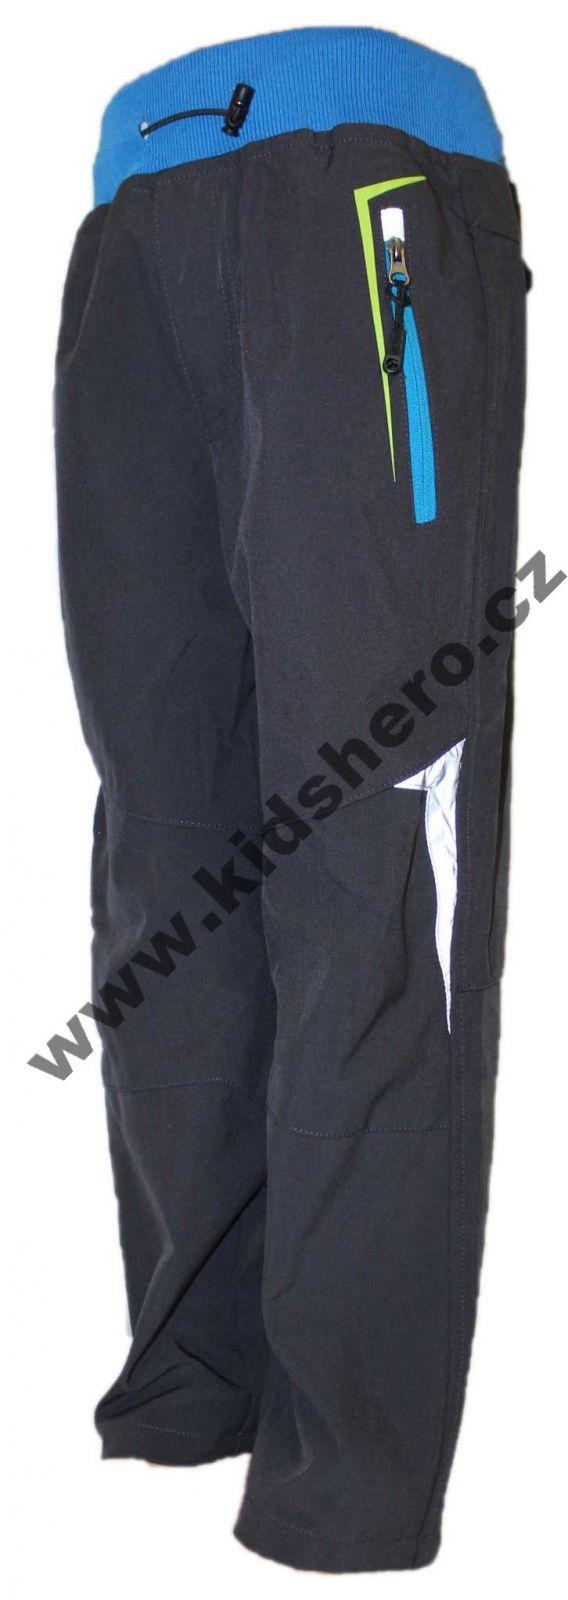 Dětské softshellové kalhoty KUGO, jarníkalhoty, podzimní kalhoty, podzimní kalhoty